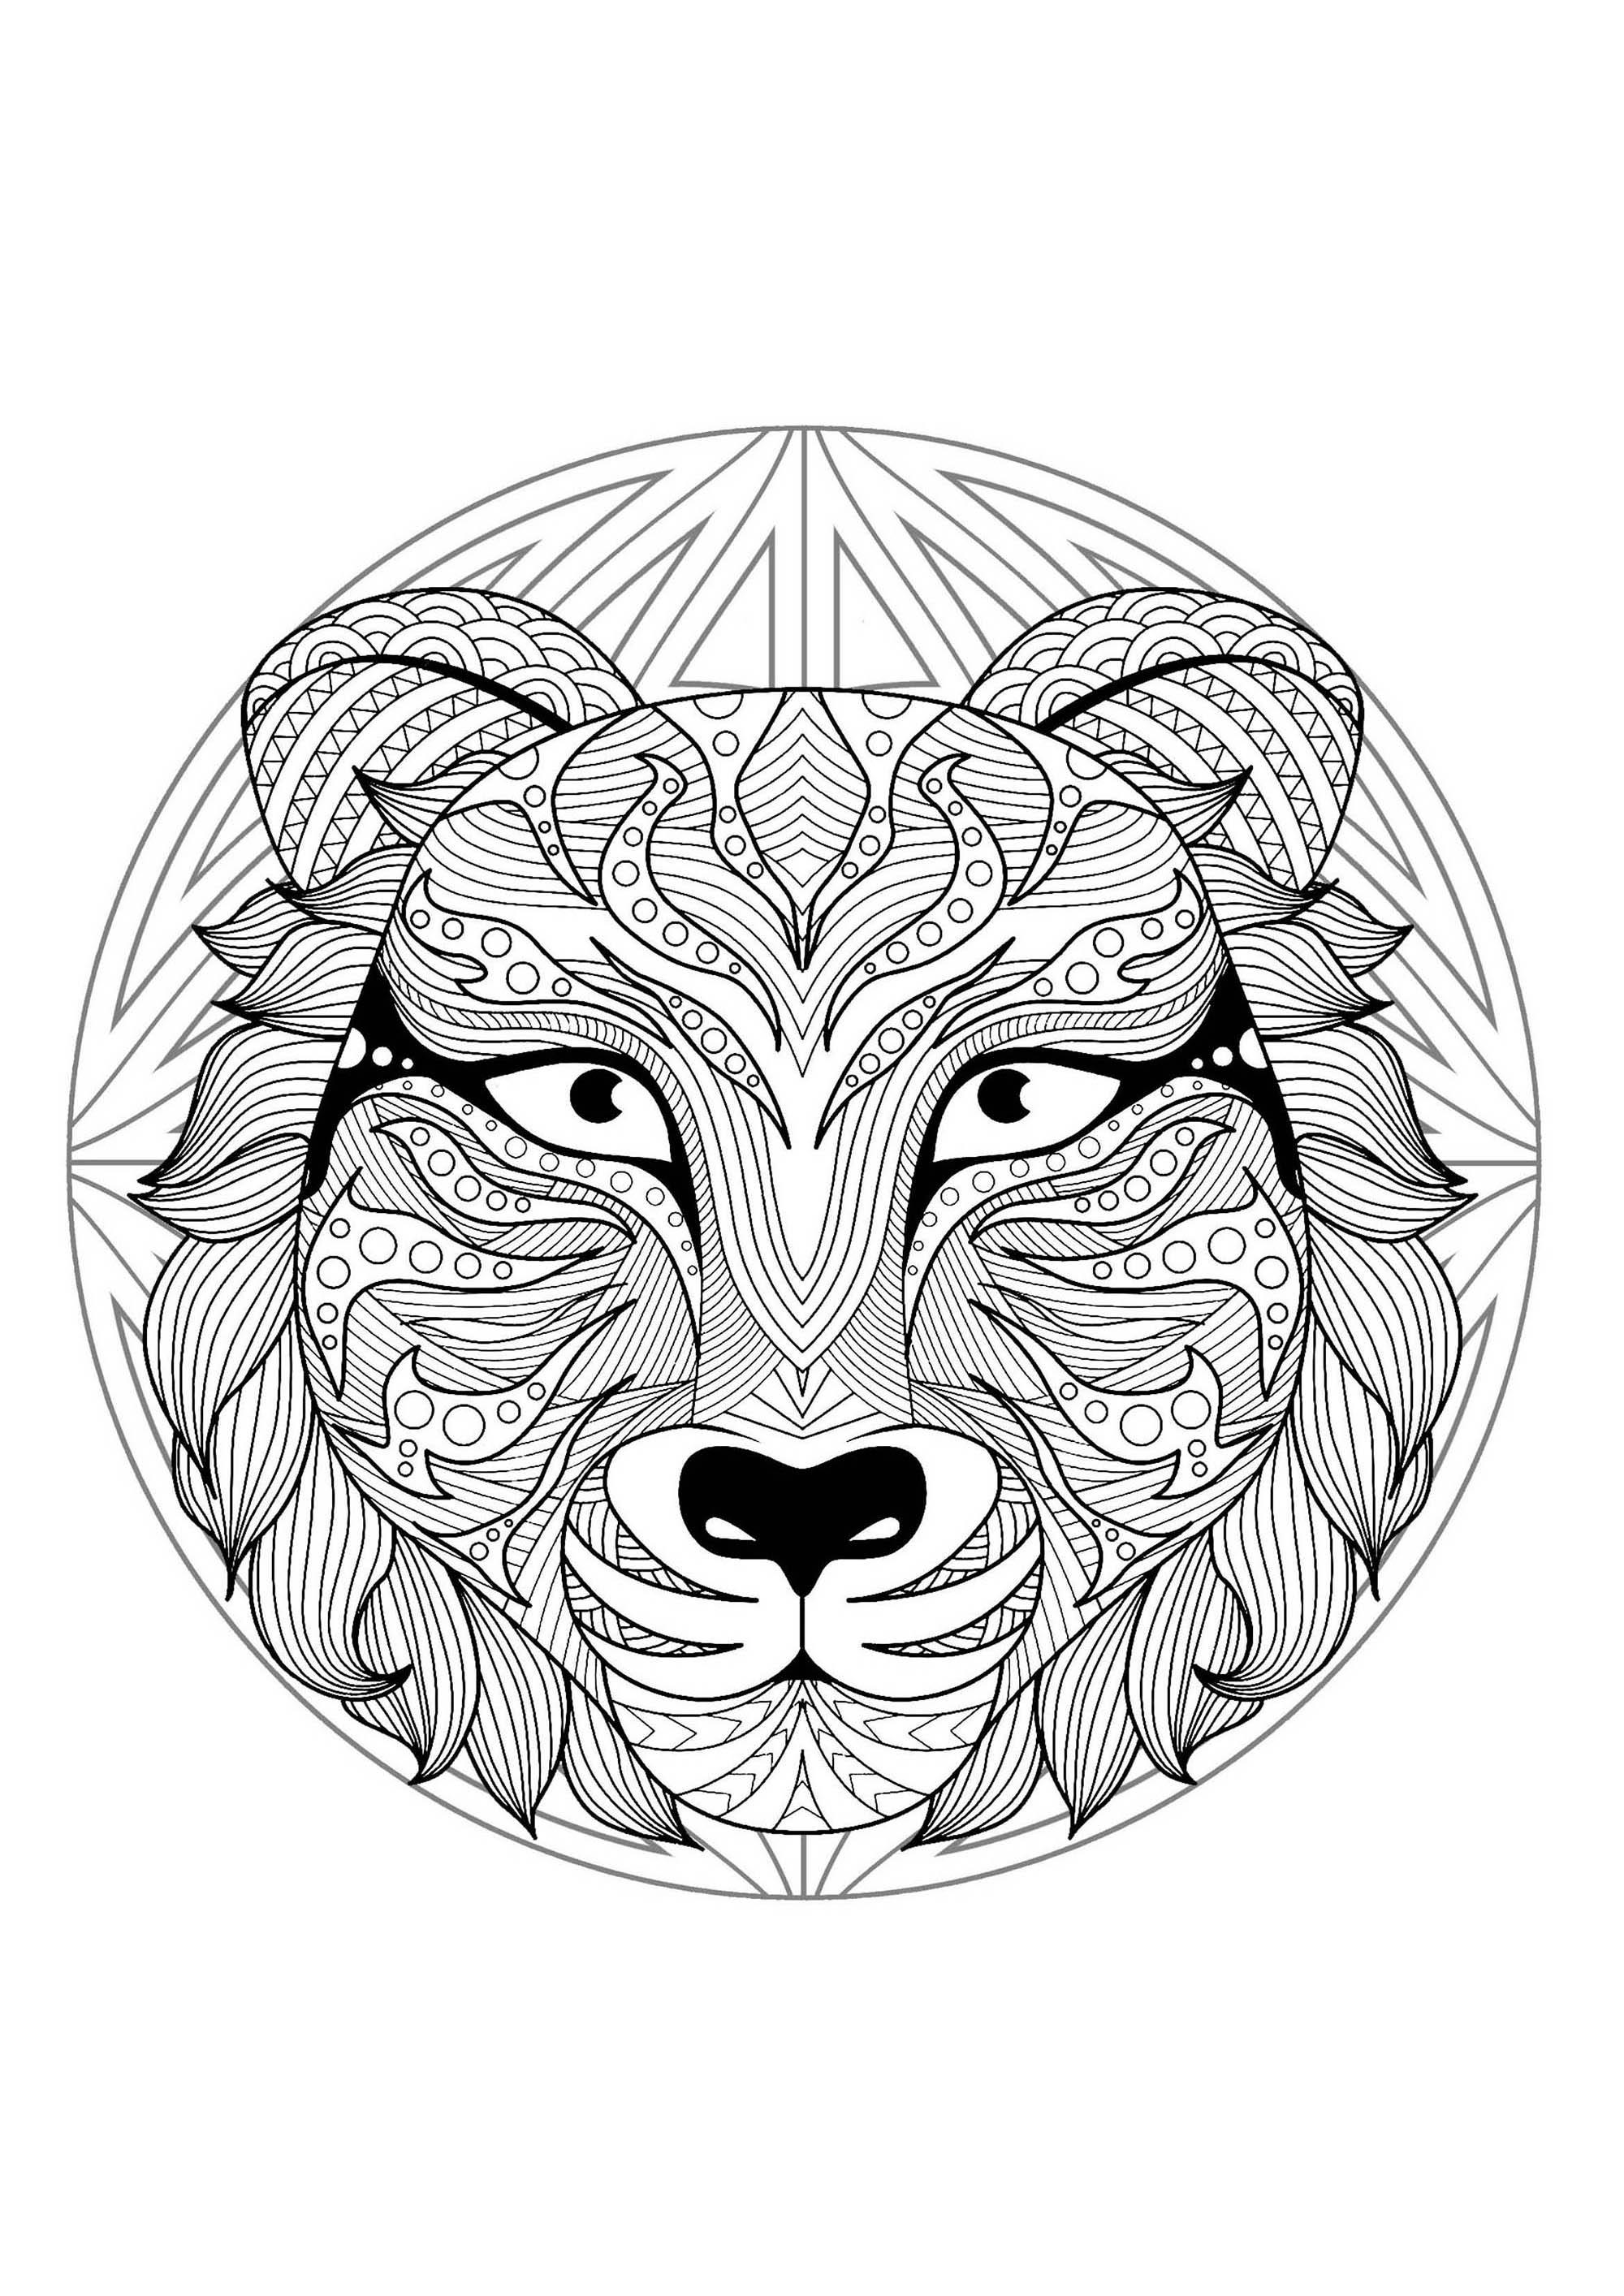 Mandala Tete Tigre 2 Mandalas Coloriages Difficiles Pour Adultes